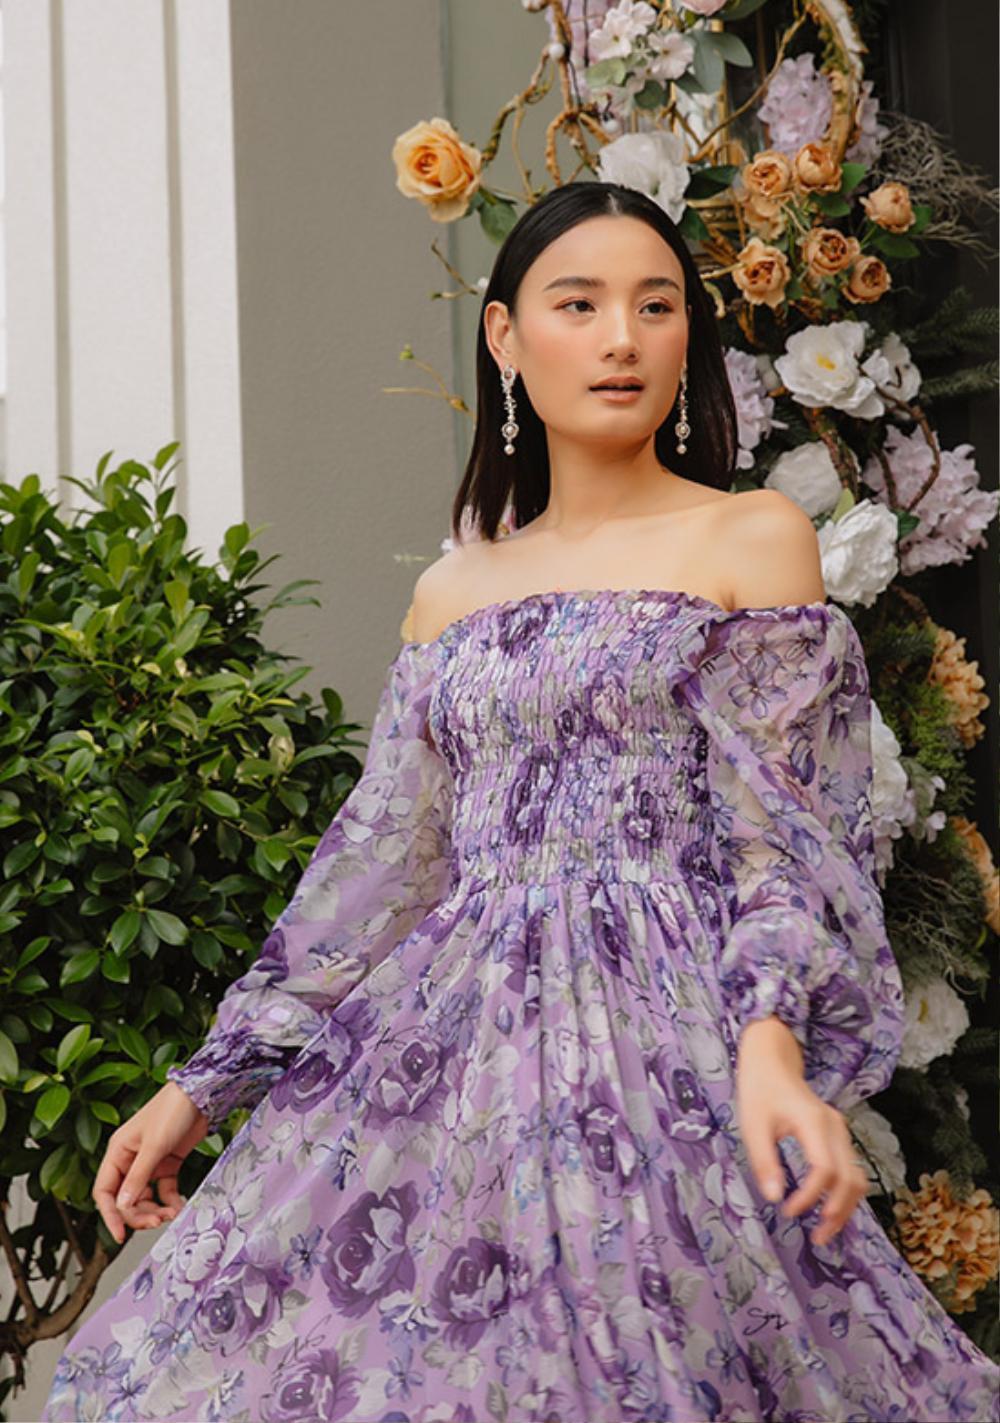 Hoa hậu Đặng Thu Thảo lấn át siêu mẫu Lê Thúy khi diện váy tím bay bổng Ảnh 6